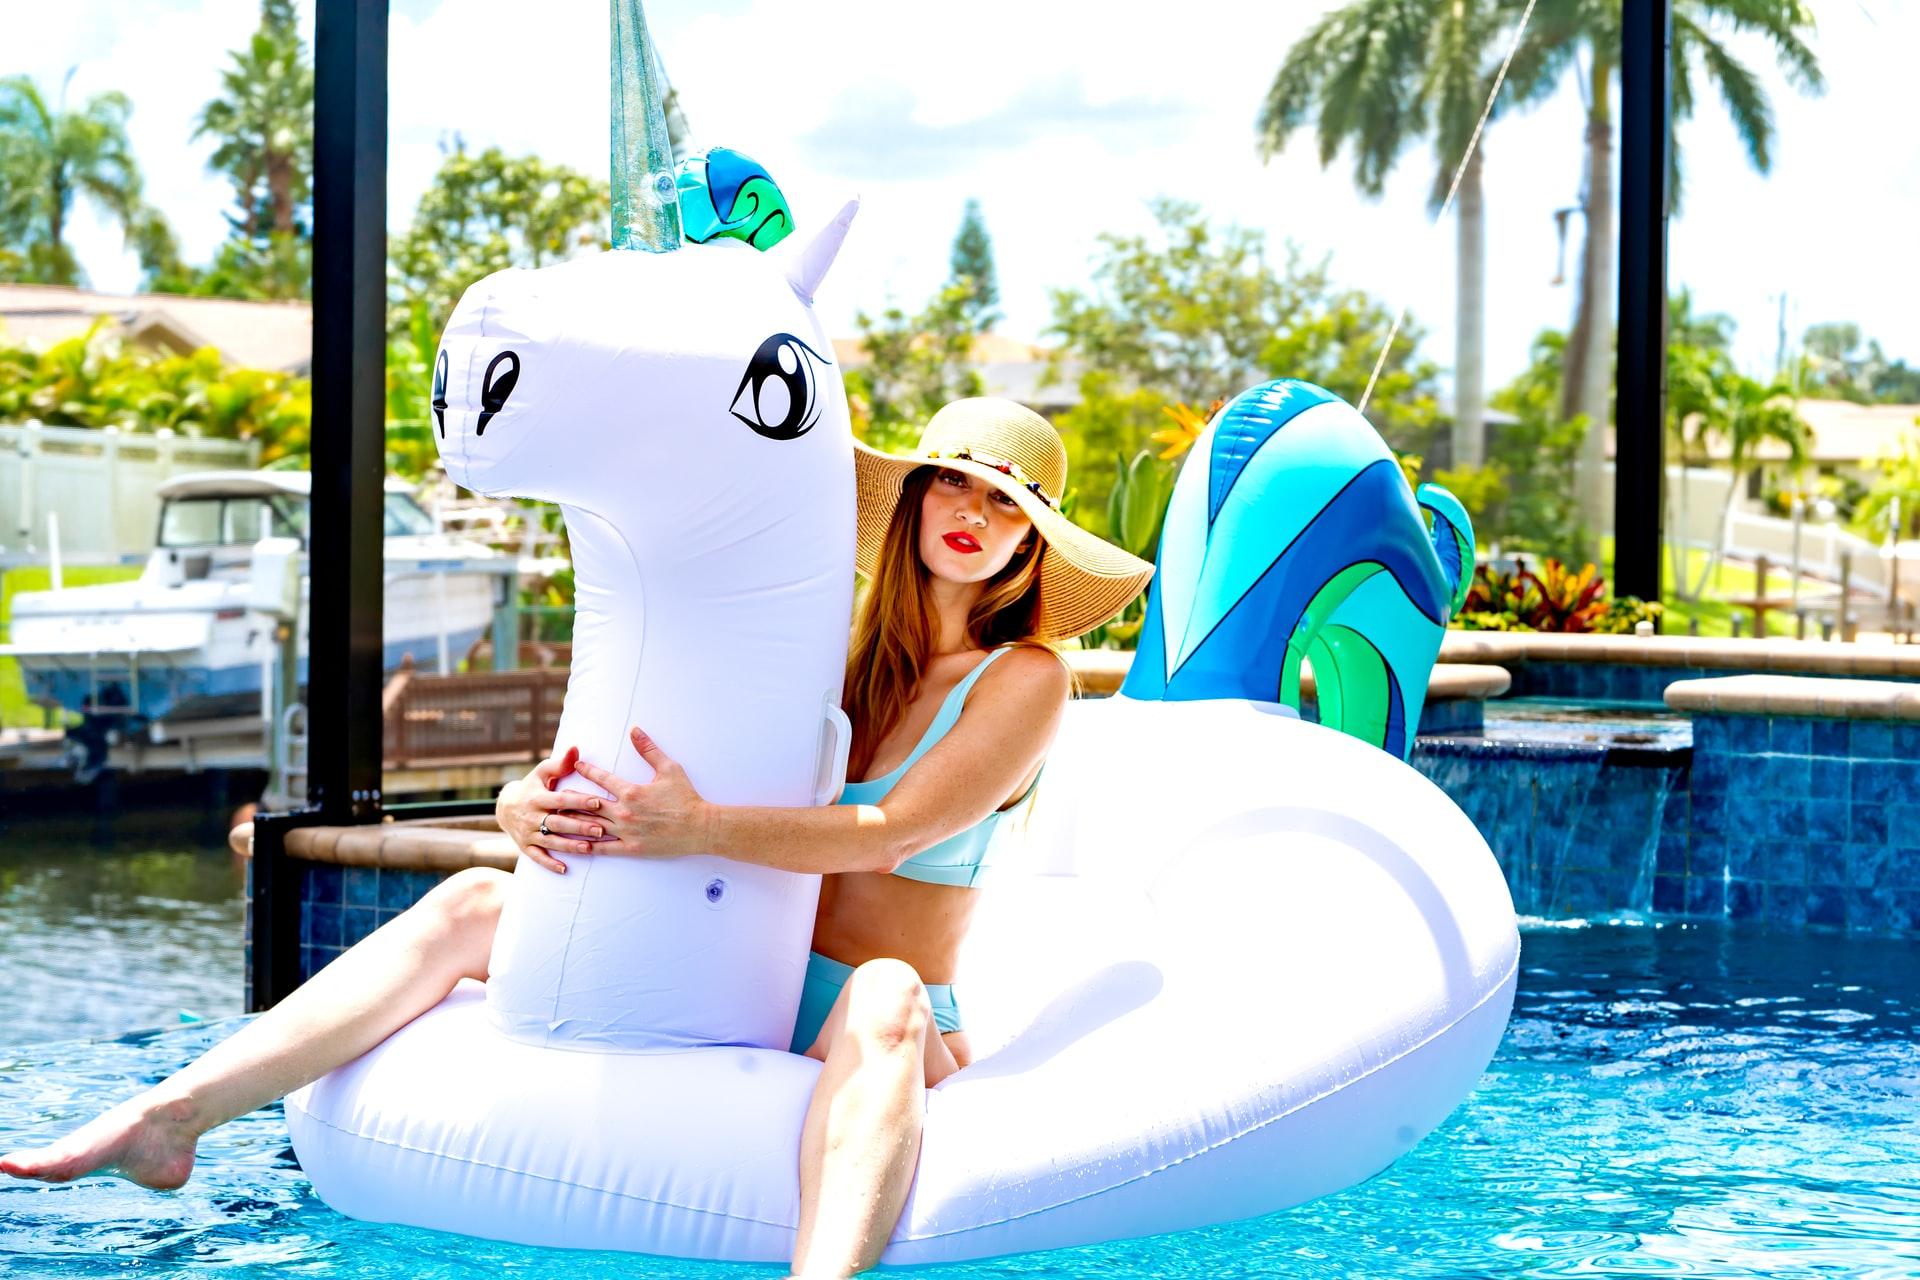 ragazza si diverte in estate sull'unicorno gonfiabile